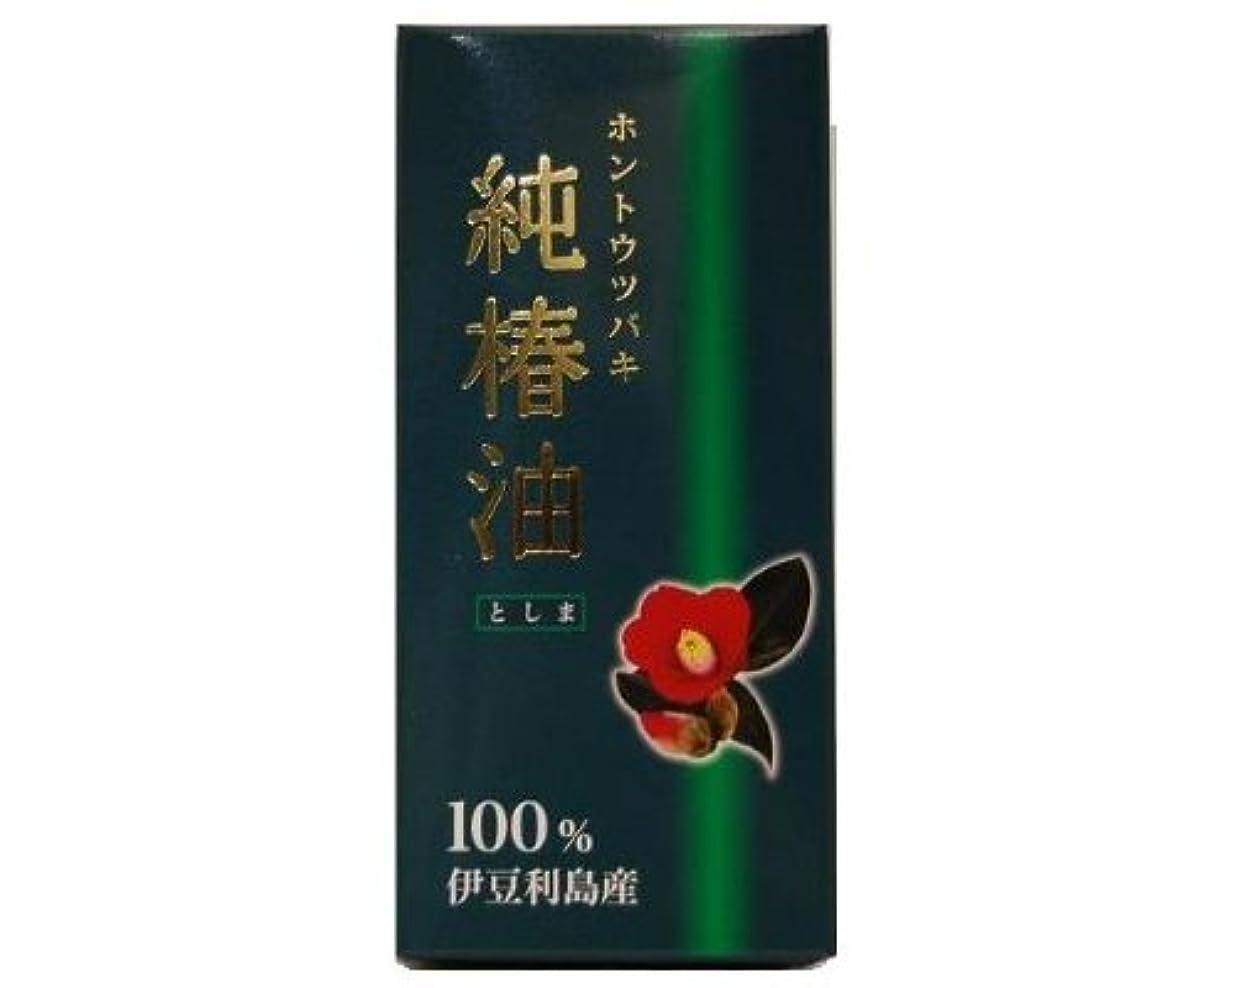 トレイ是正する要求する本島椿 純椿油 としま 52ML